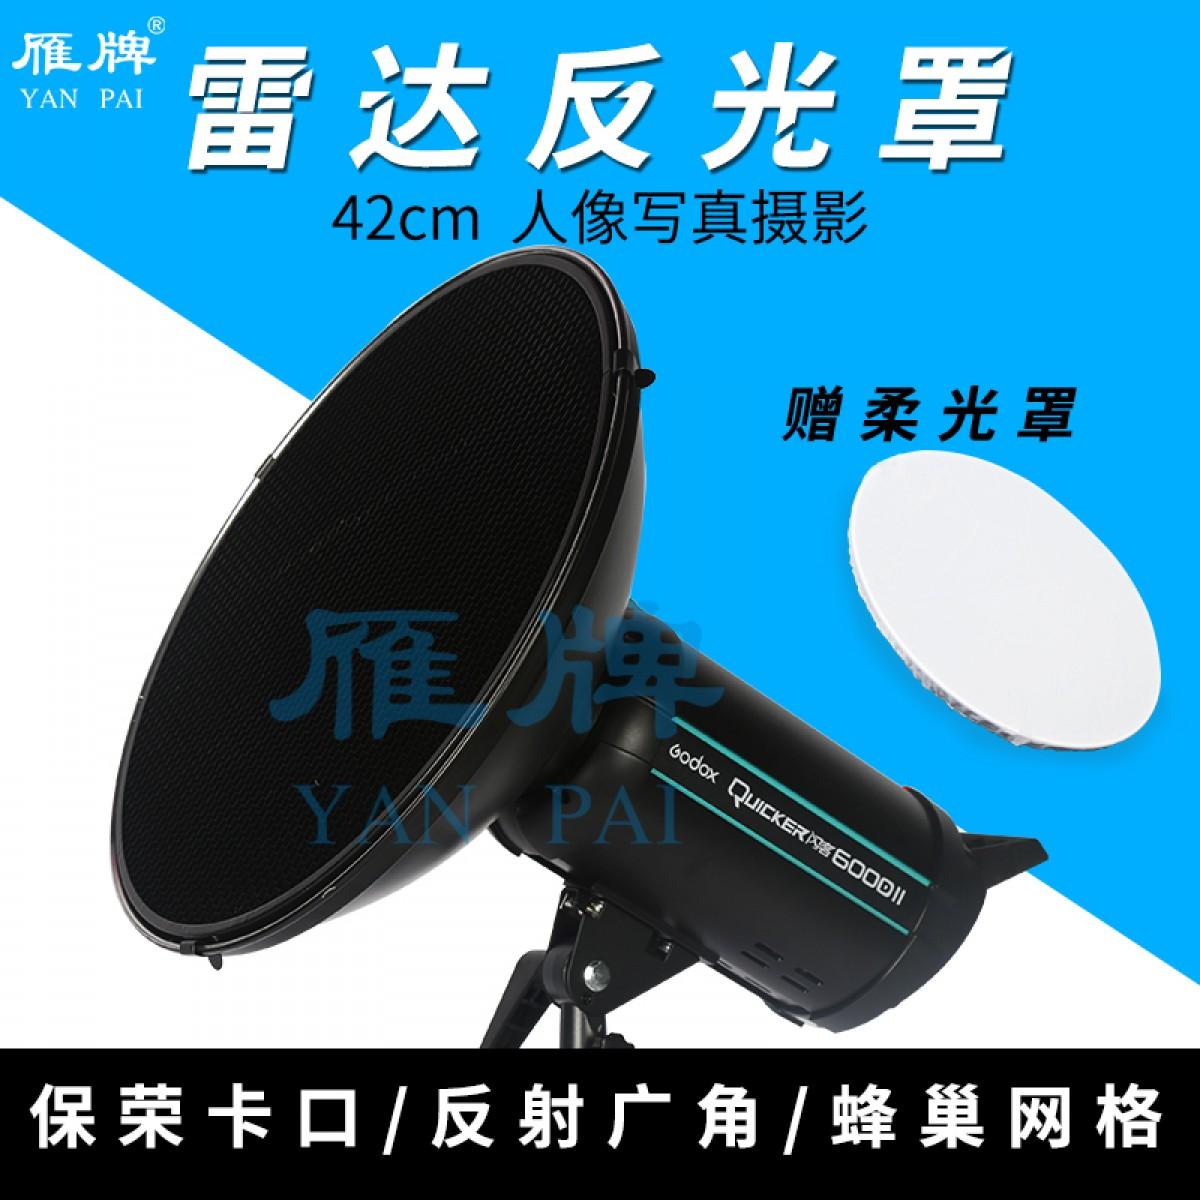 雁牌42cm雷达罩蜂巢网格柔光布罩摄影棚灯影室闪光灯美人碟保荣口